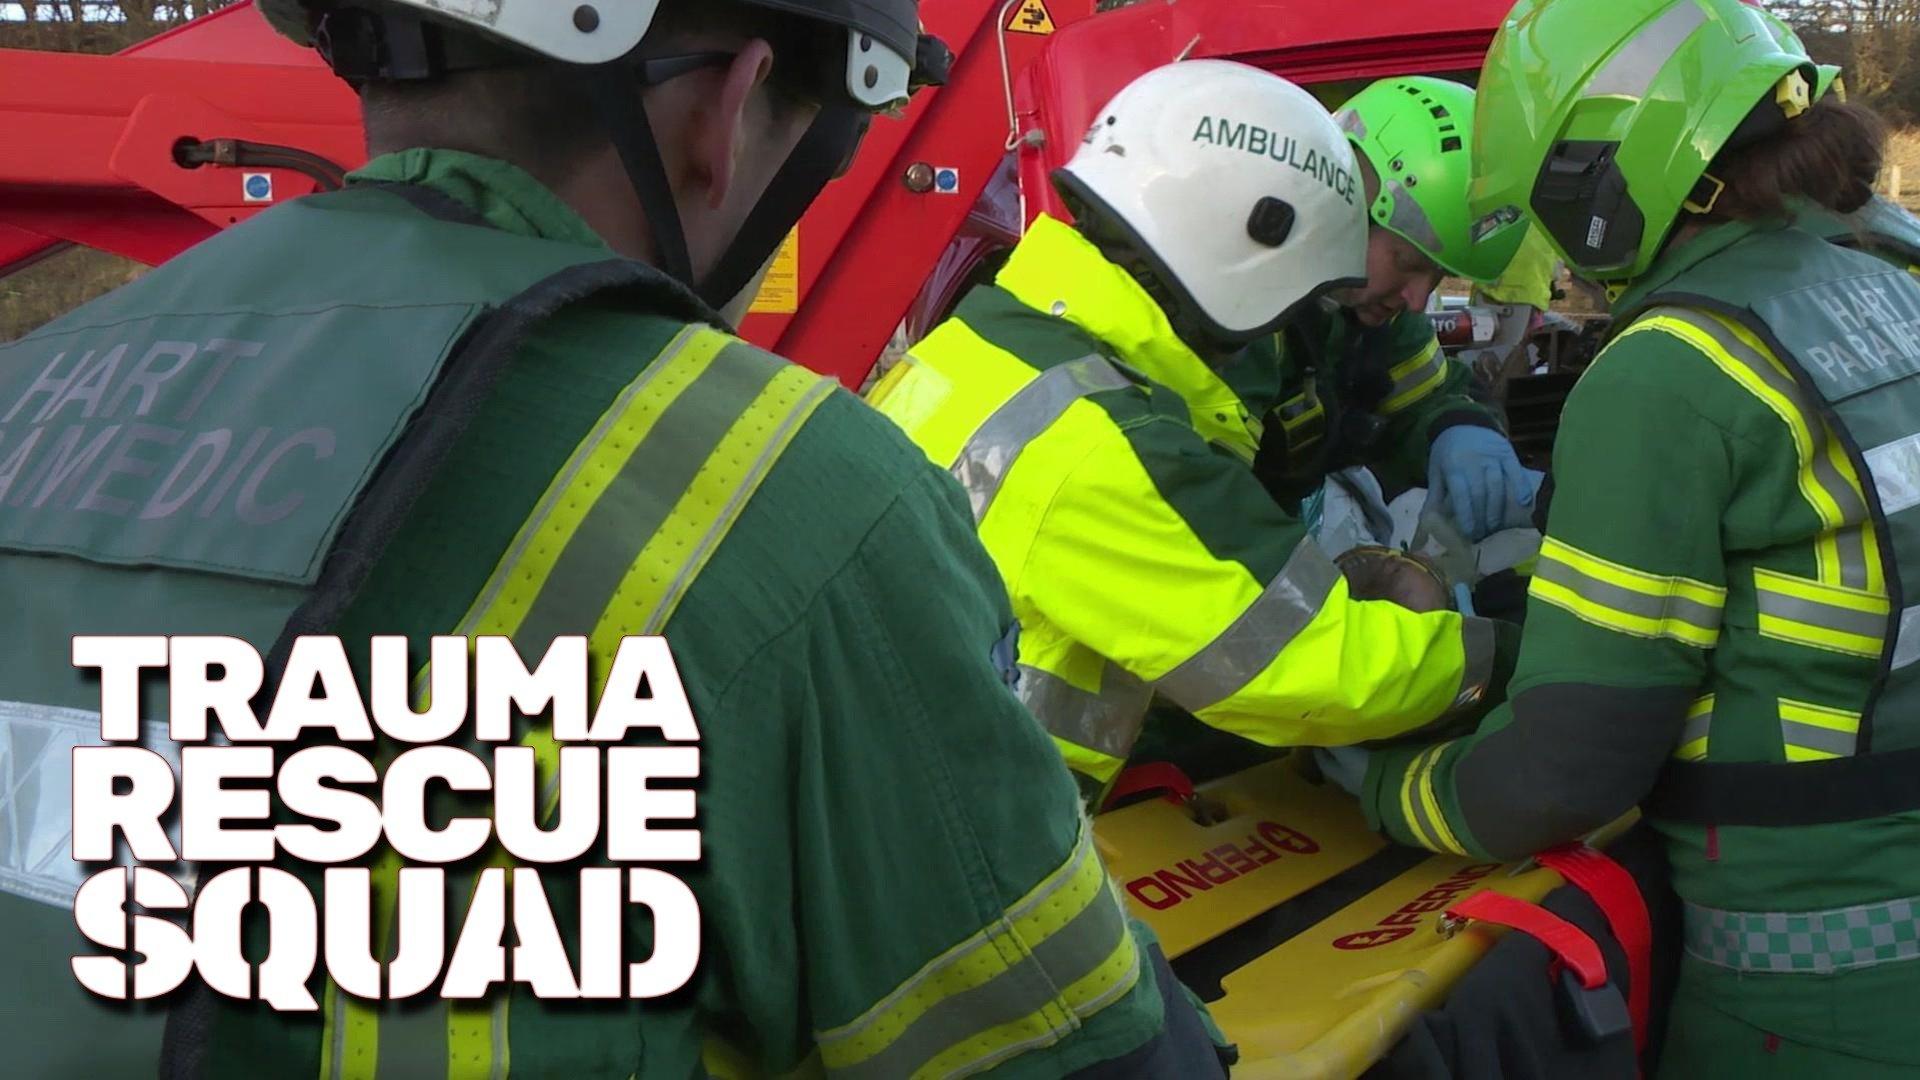 Trauma Rescue Squad